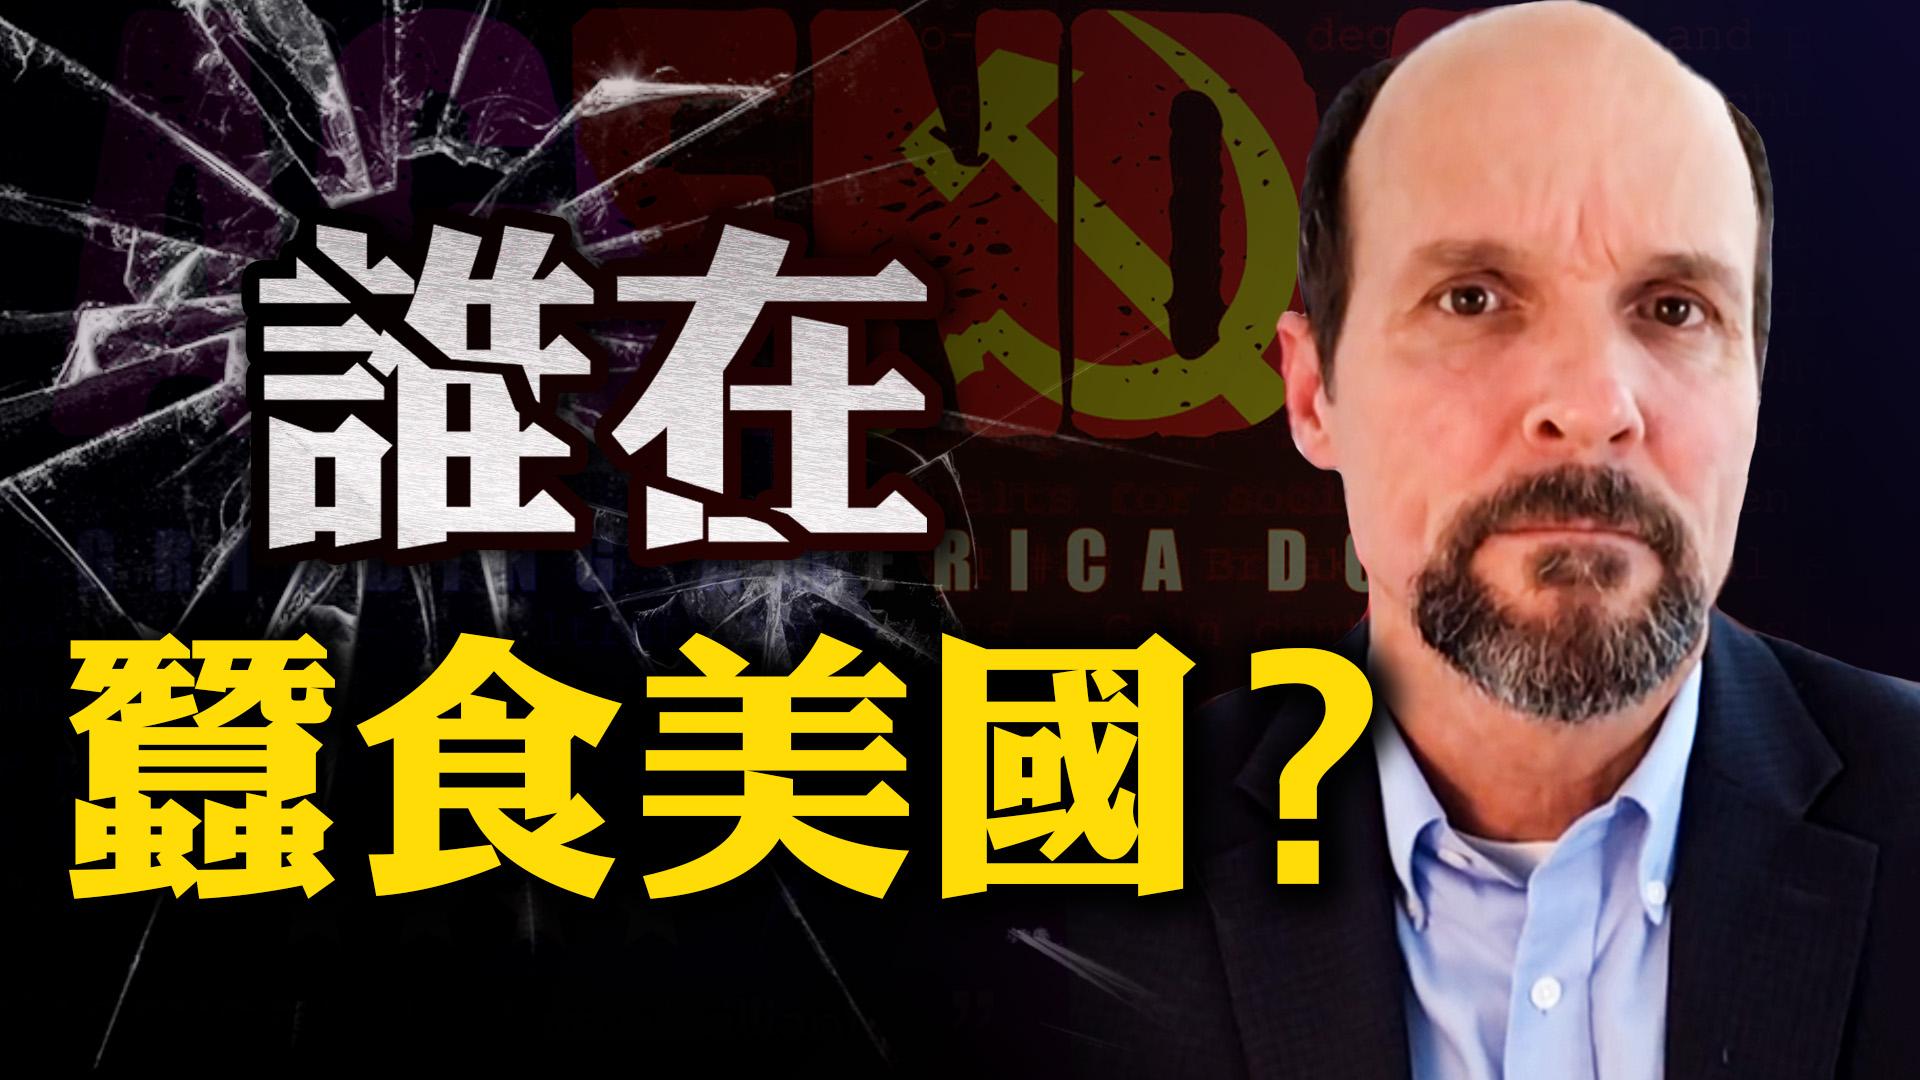 新唐人《熱點互動》節目專訪紀錄片《蠶食美國》製片人柯蒂斯·鮑爾斯(Curtis Bowers),與他探討共產主義在美國的滲透。(大紀元合成)